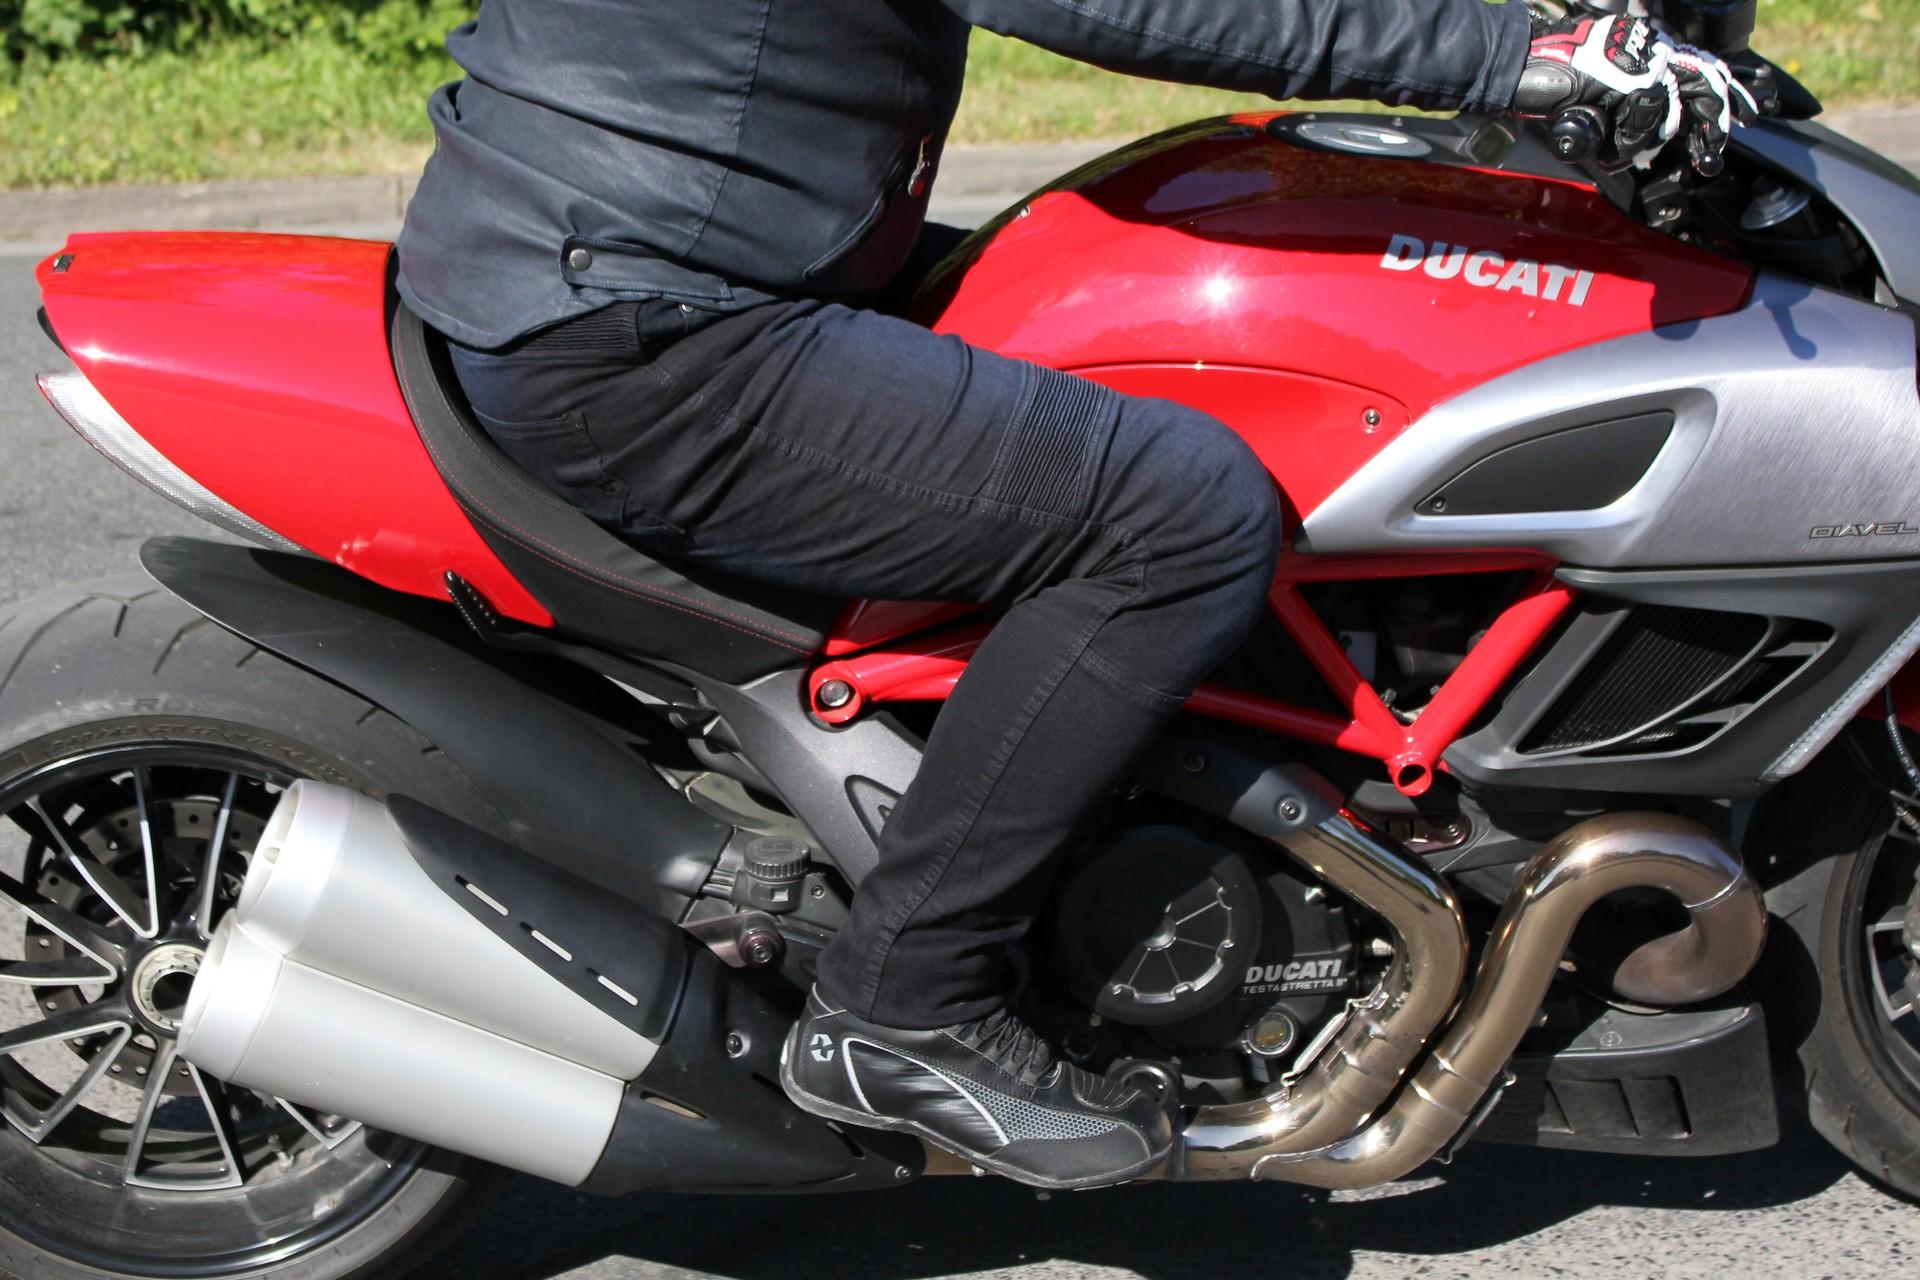 Pantalón vaquero DXR Boost y Ducati Diavel en la carretera